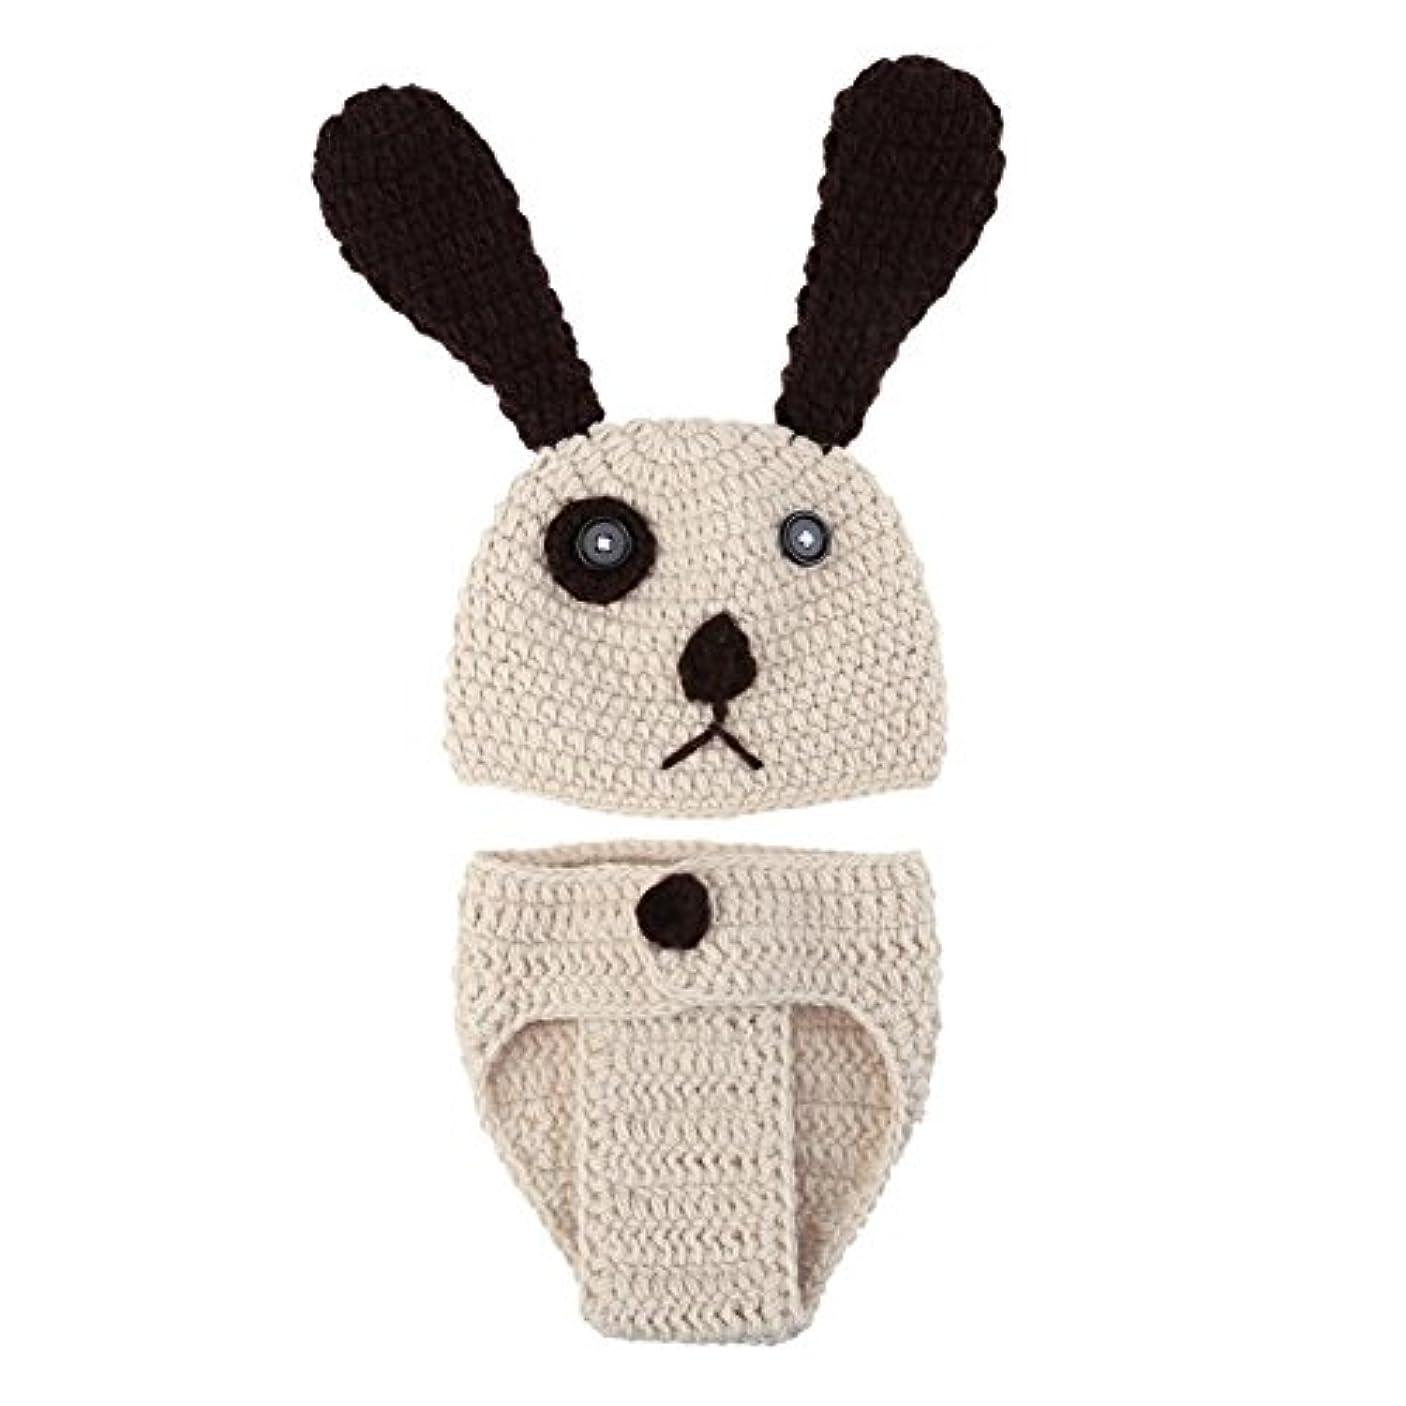 突撃会計士シネウィBestjpshop 可愛い 新生児 赤ちゃん ニット 写真撮影 コスチューム 着ぐるみ スタジオ撮影衣類  大きな耳の犬のセット 手作り 写真の小道具 ベージュ